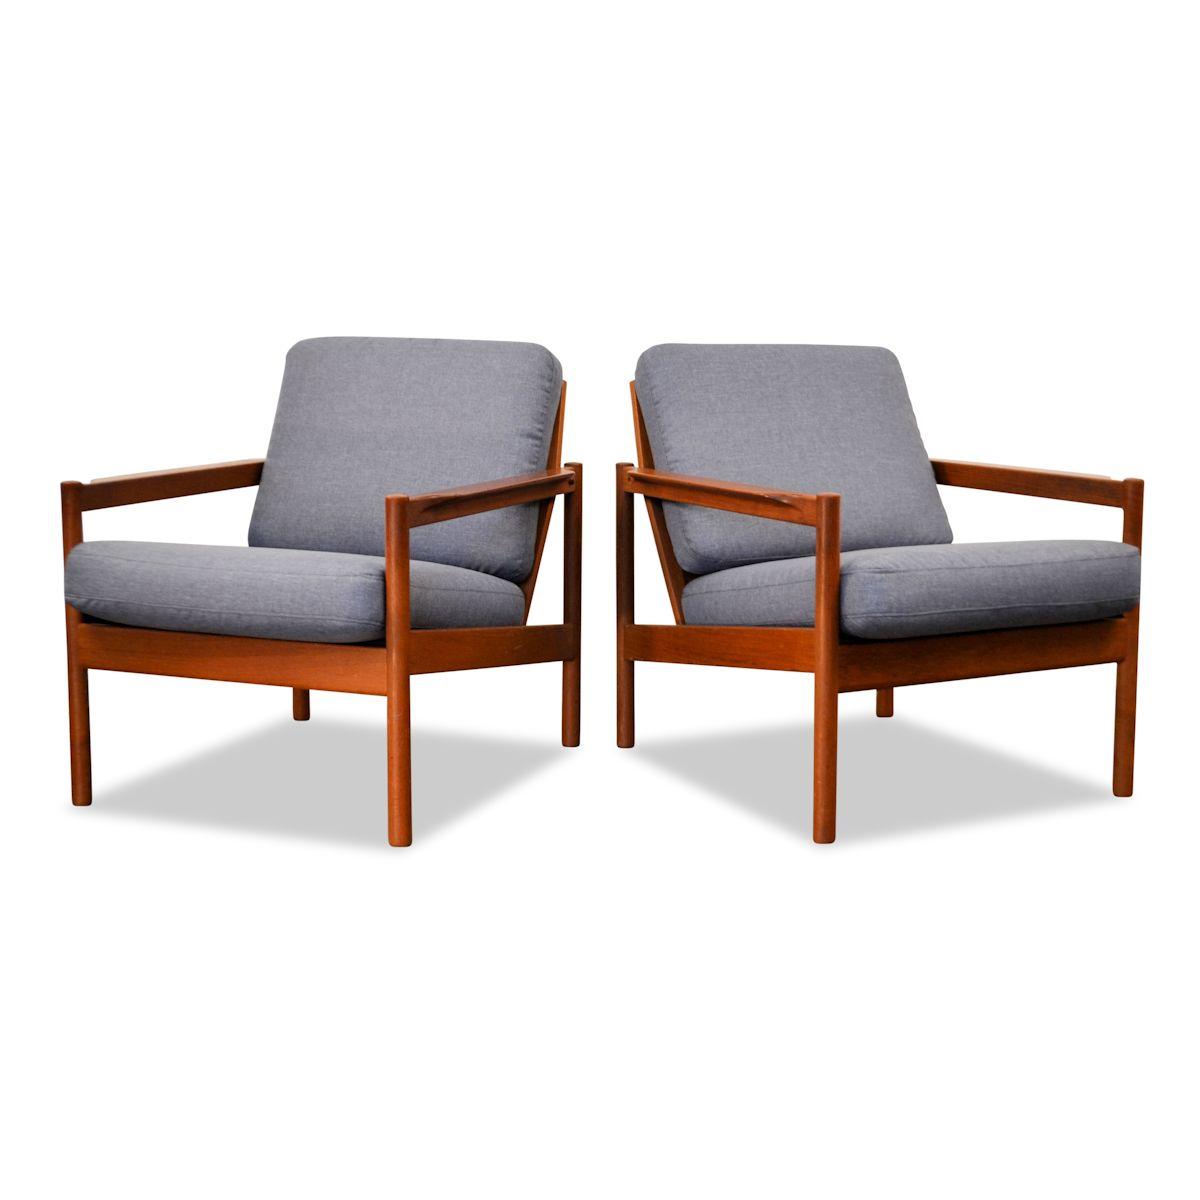 Vintage Easy Chairs by Kai Kristiansen